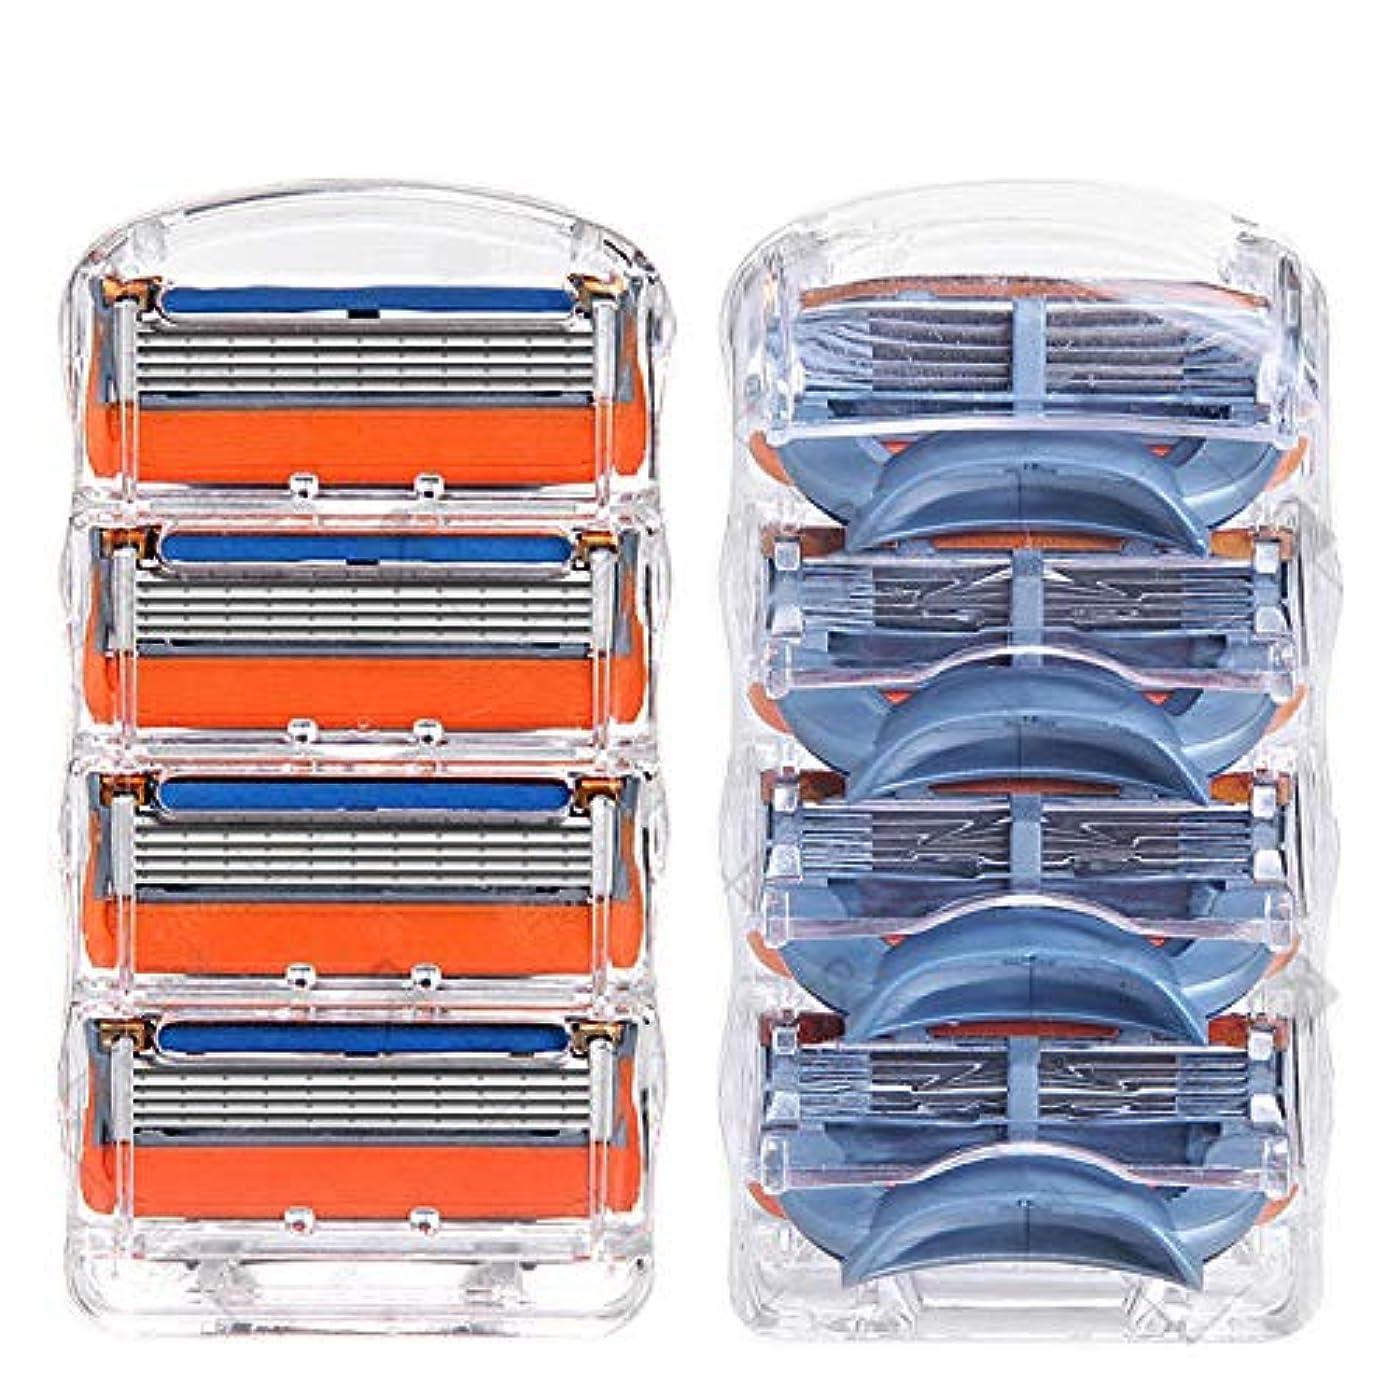 お互い方法論エゴイズムAJACK 8個 シェーバーヘッド 交換用 5層ブレード ジレットかみそりに適用